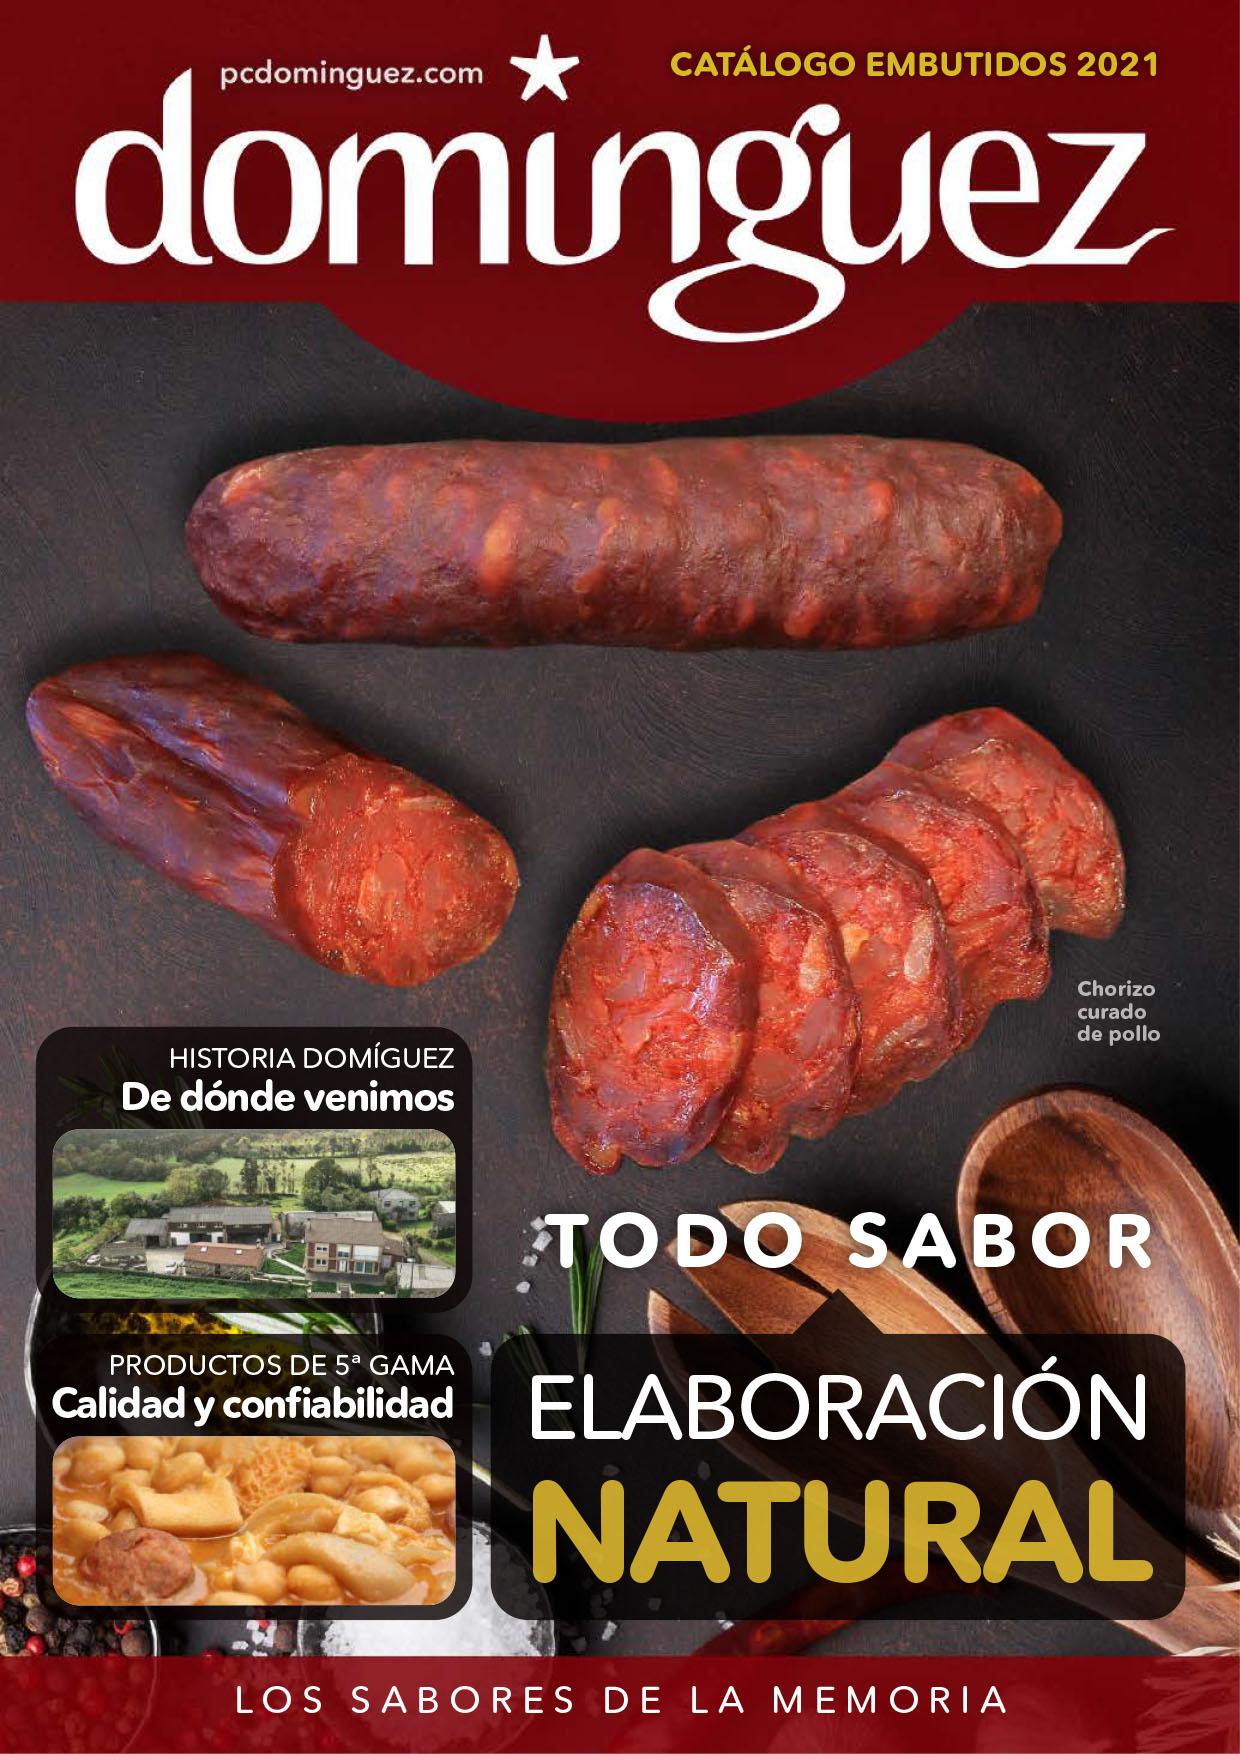 catalogo_dominguez_2021_embutidos_capa.jpg